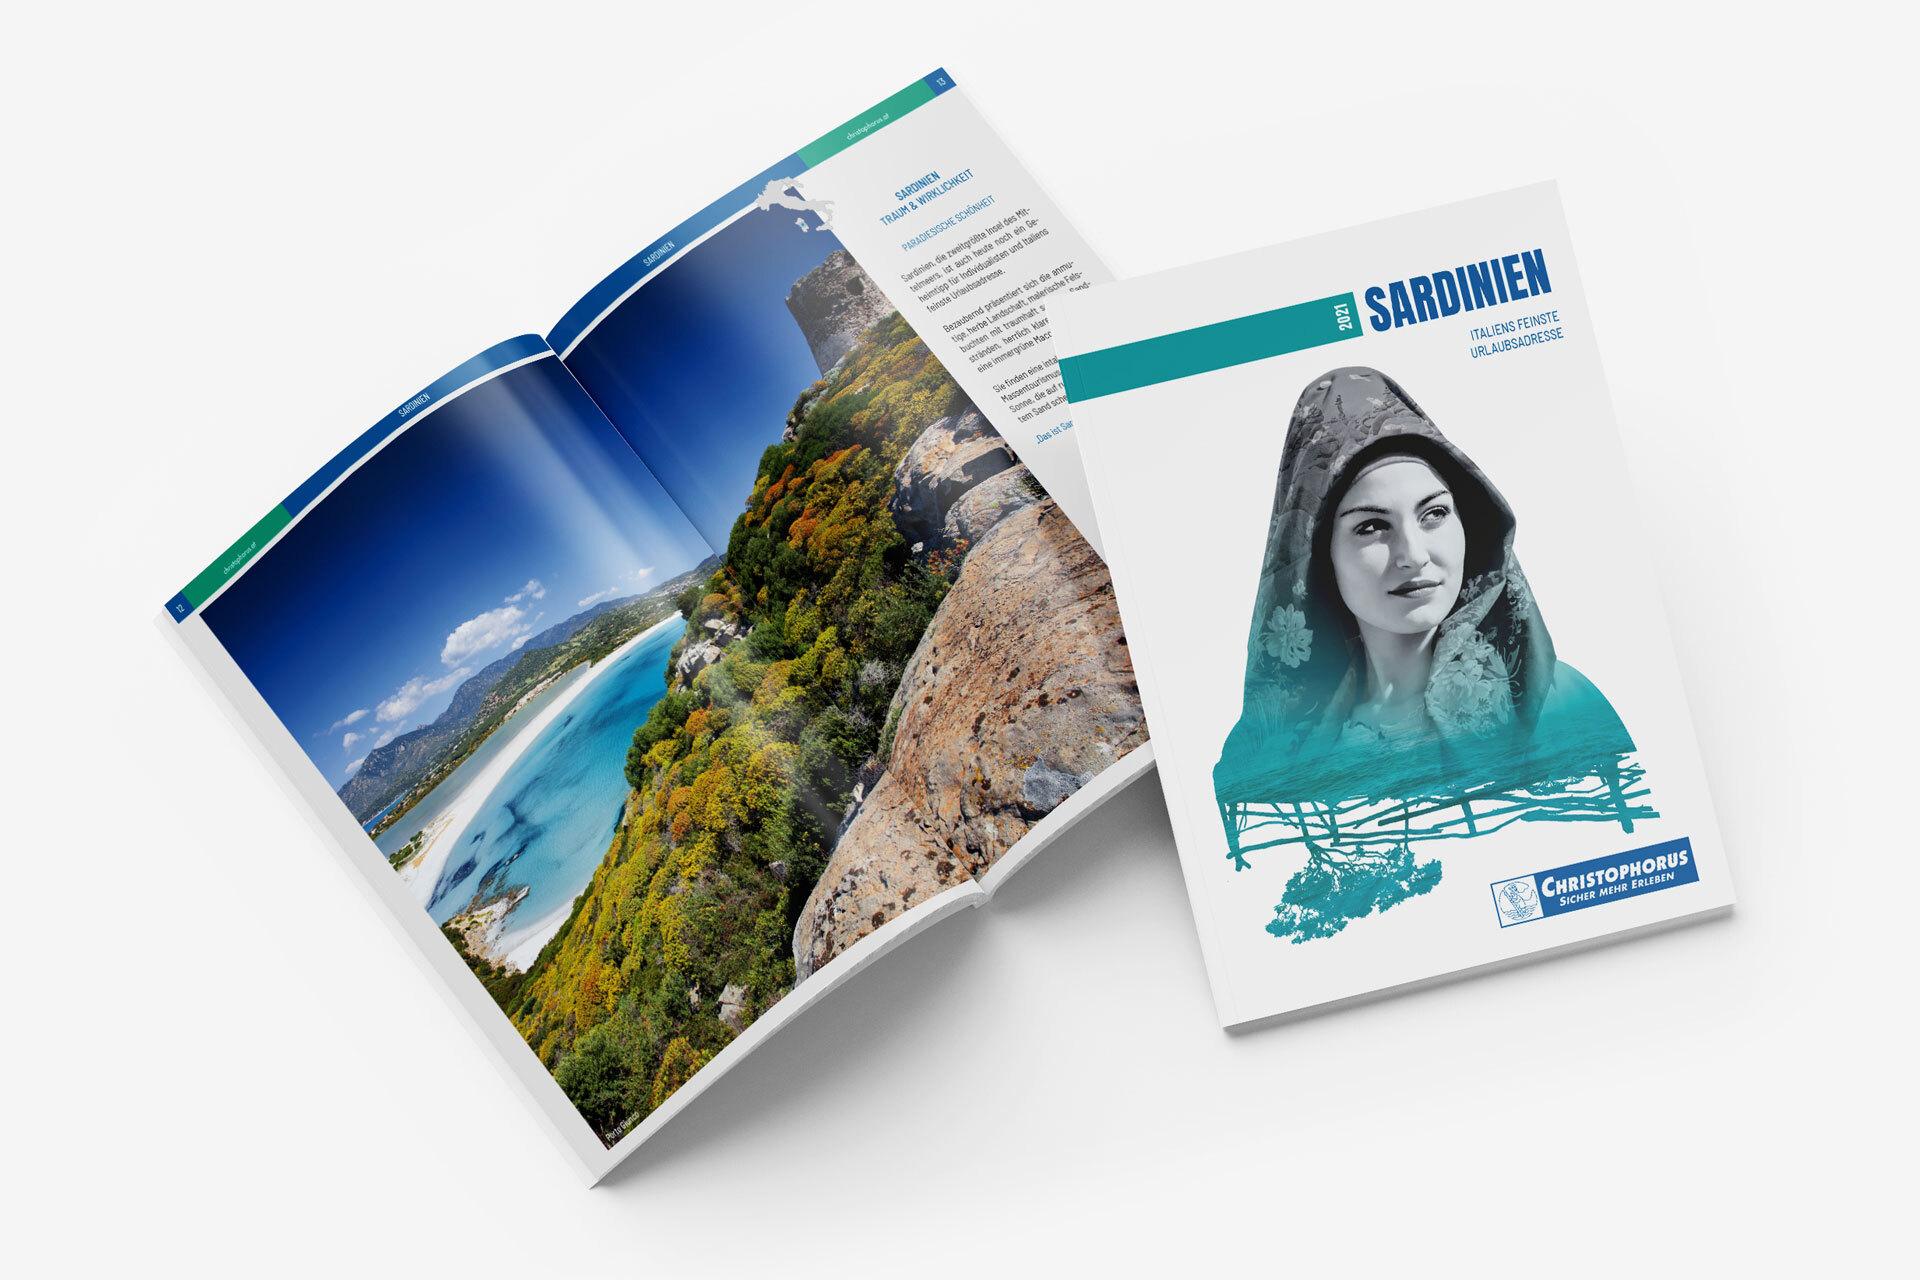 Sardinien Katalog 2021